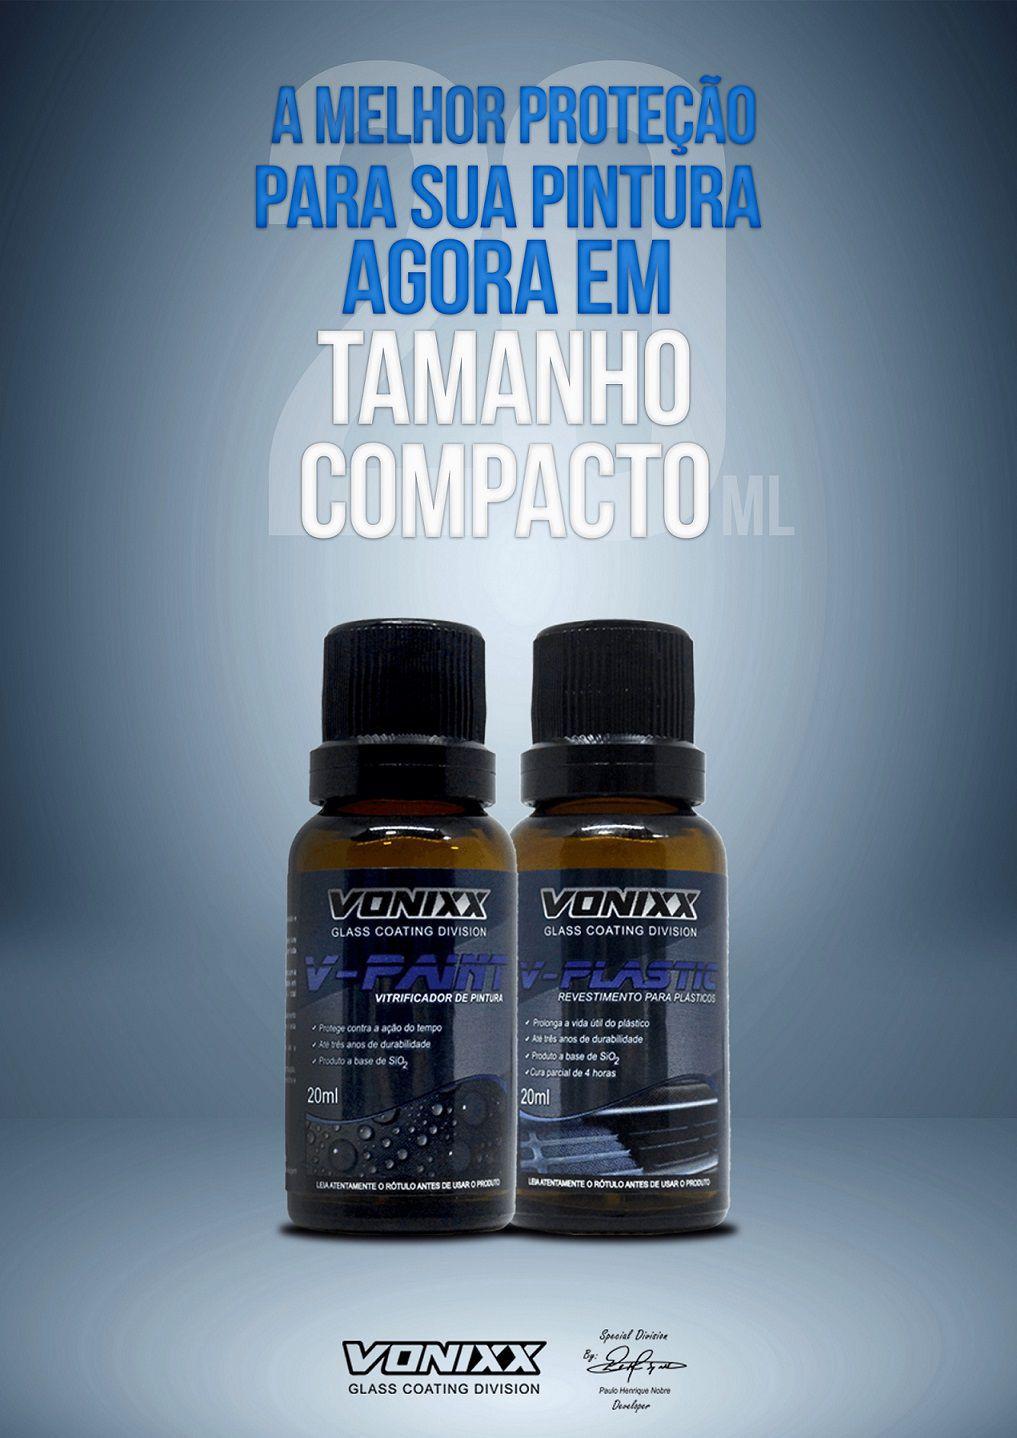 ELETRO-ESPINDOLA / 5 itens conf. descr.